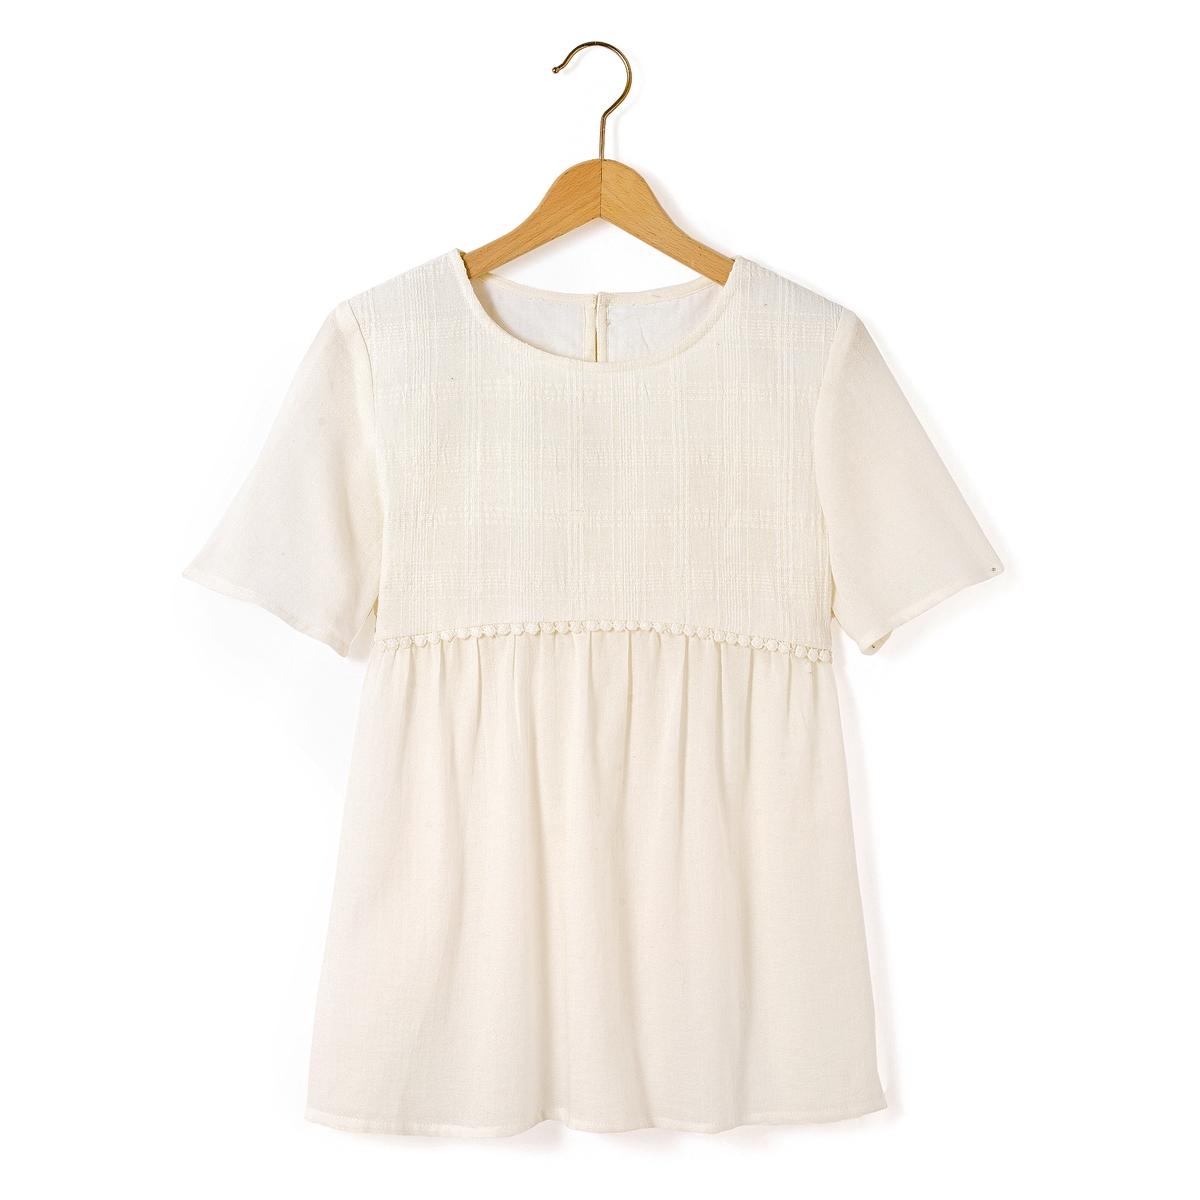 Блузка с короткими рукавами, с вышивкой, 10-16 лет